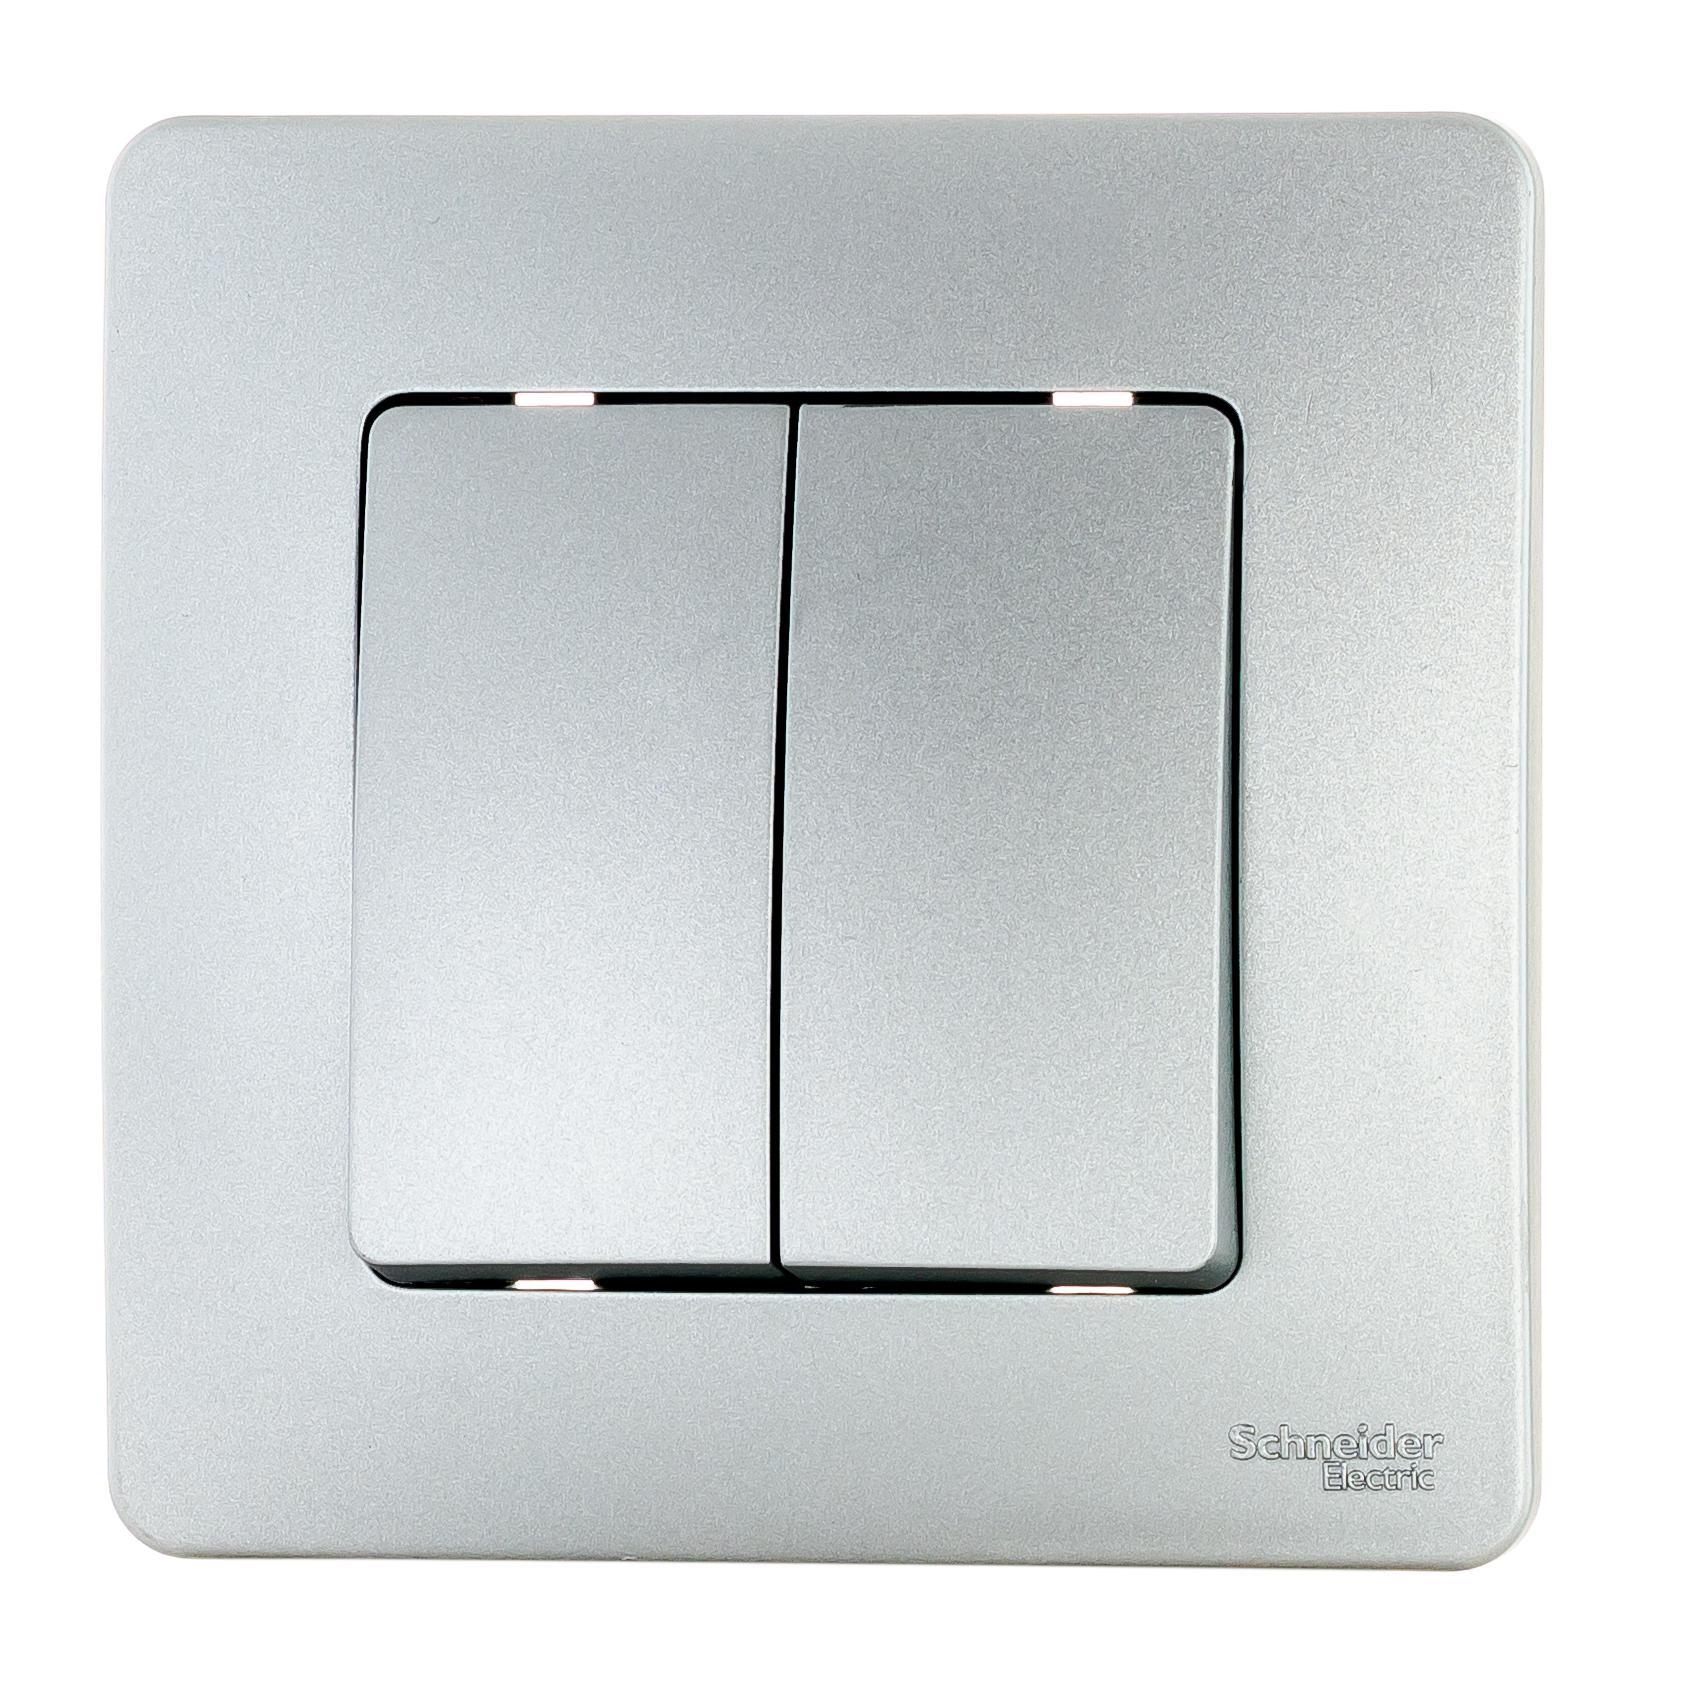 Выключатель Schneider electric Blnvs010503 blanca выключатель schneider electric blnva105014 blanca